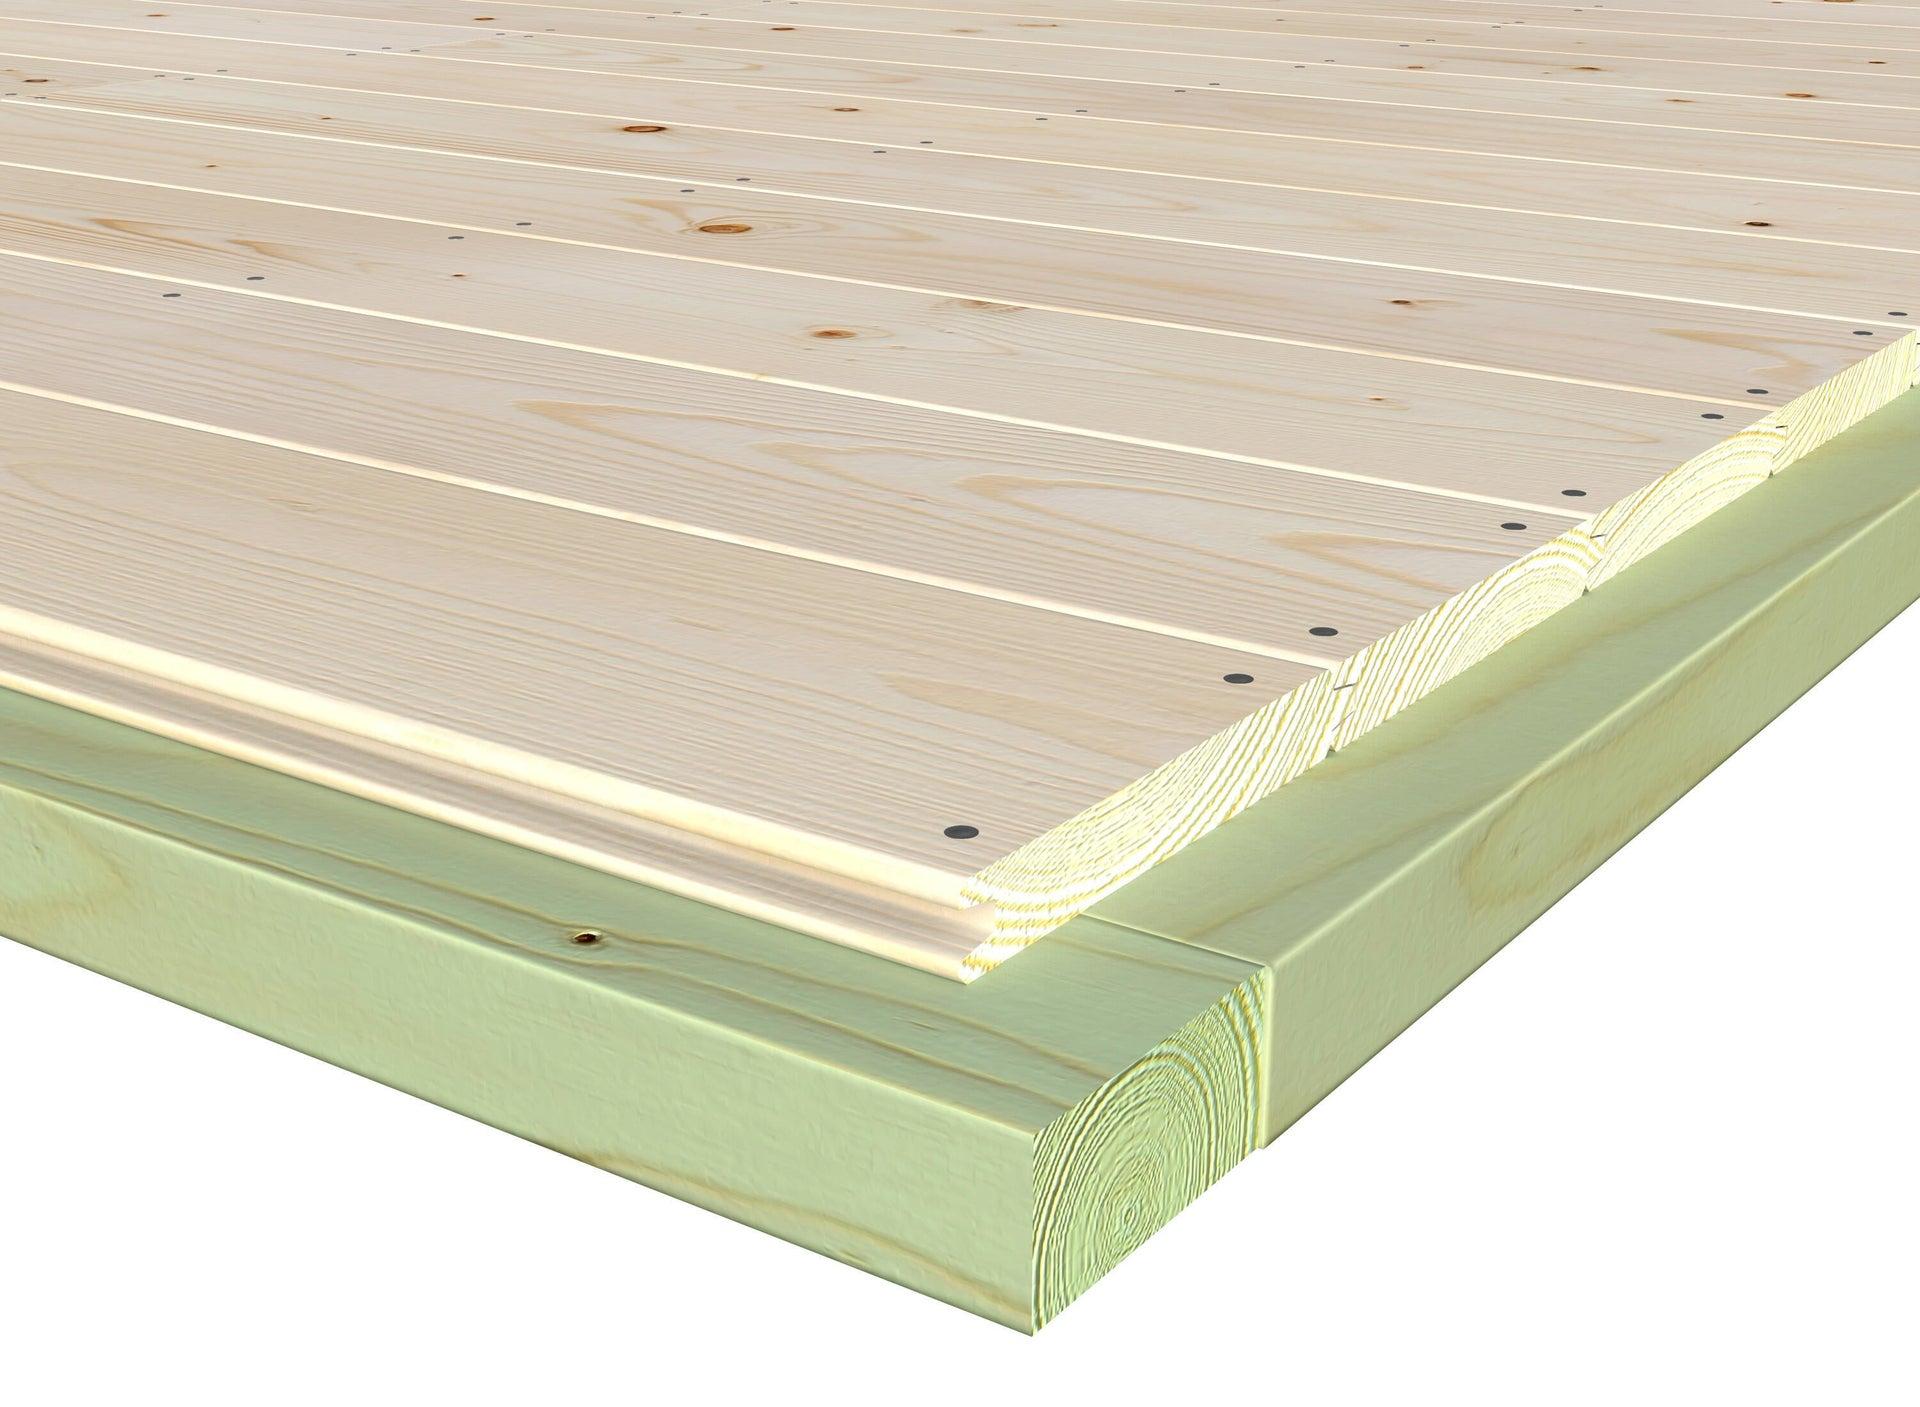 Pavimento per casetta da giardino Primula DECOR ET JARDIN 242.8 x 270 x 45 cm - 2